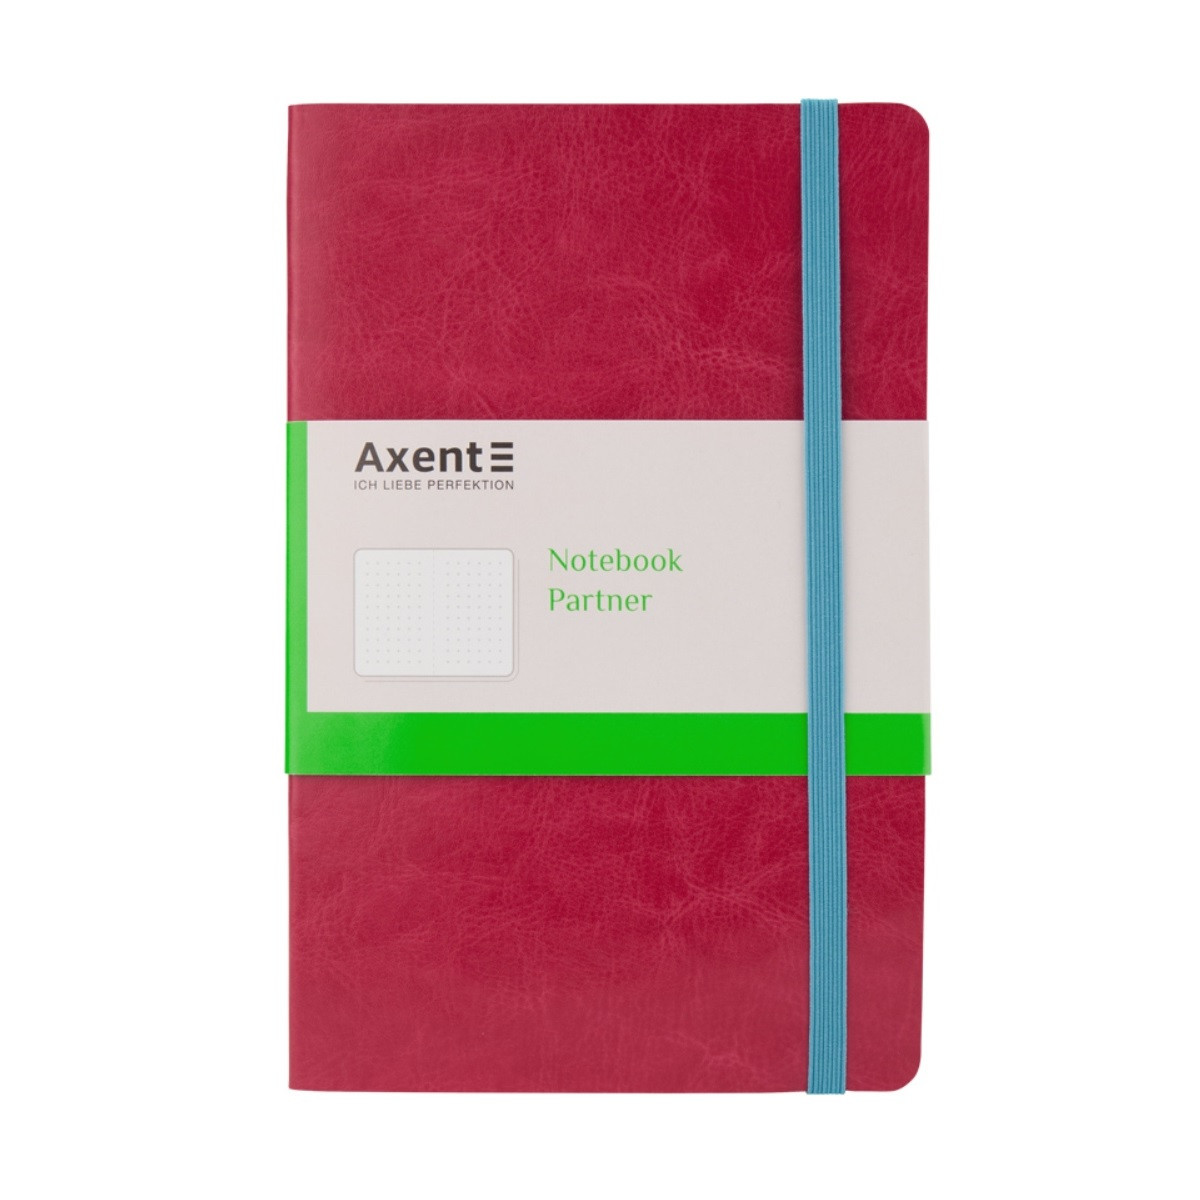 Книга записная Axent 8209-10-A, 125x195 мм, 96 листов, точка, гибкая обложка, розовая